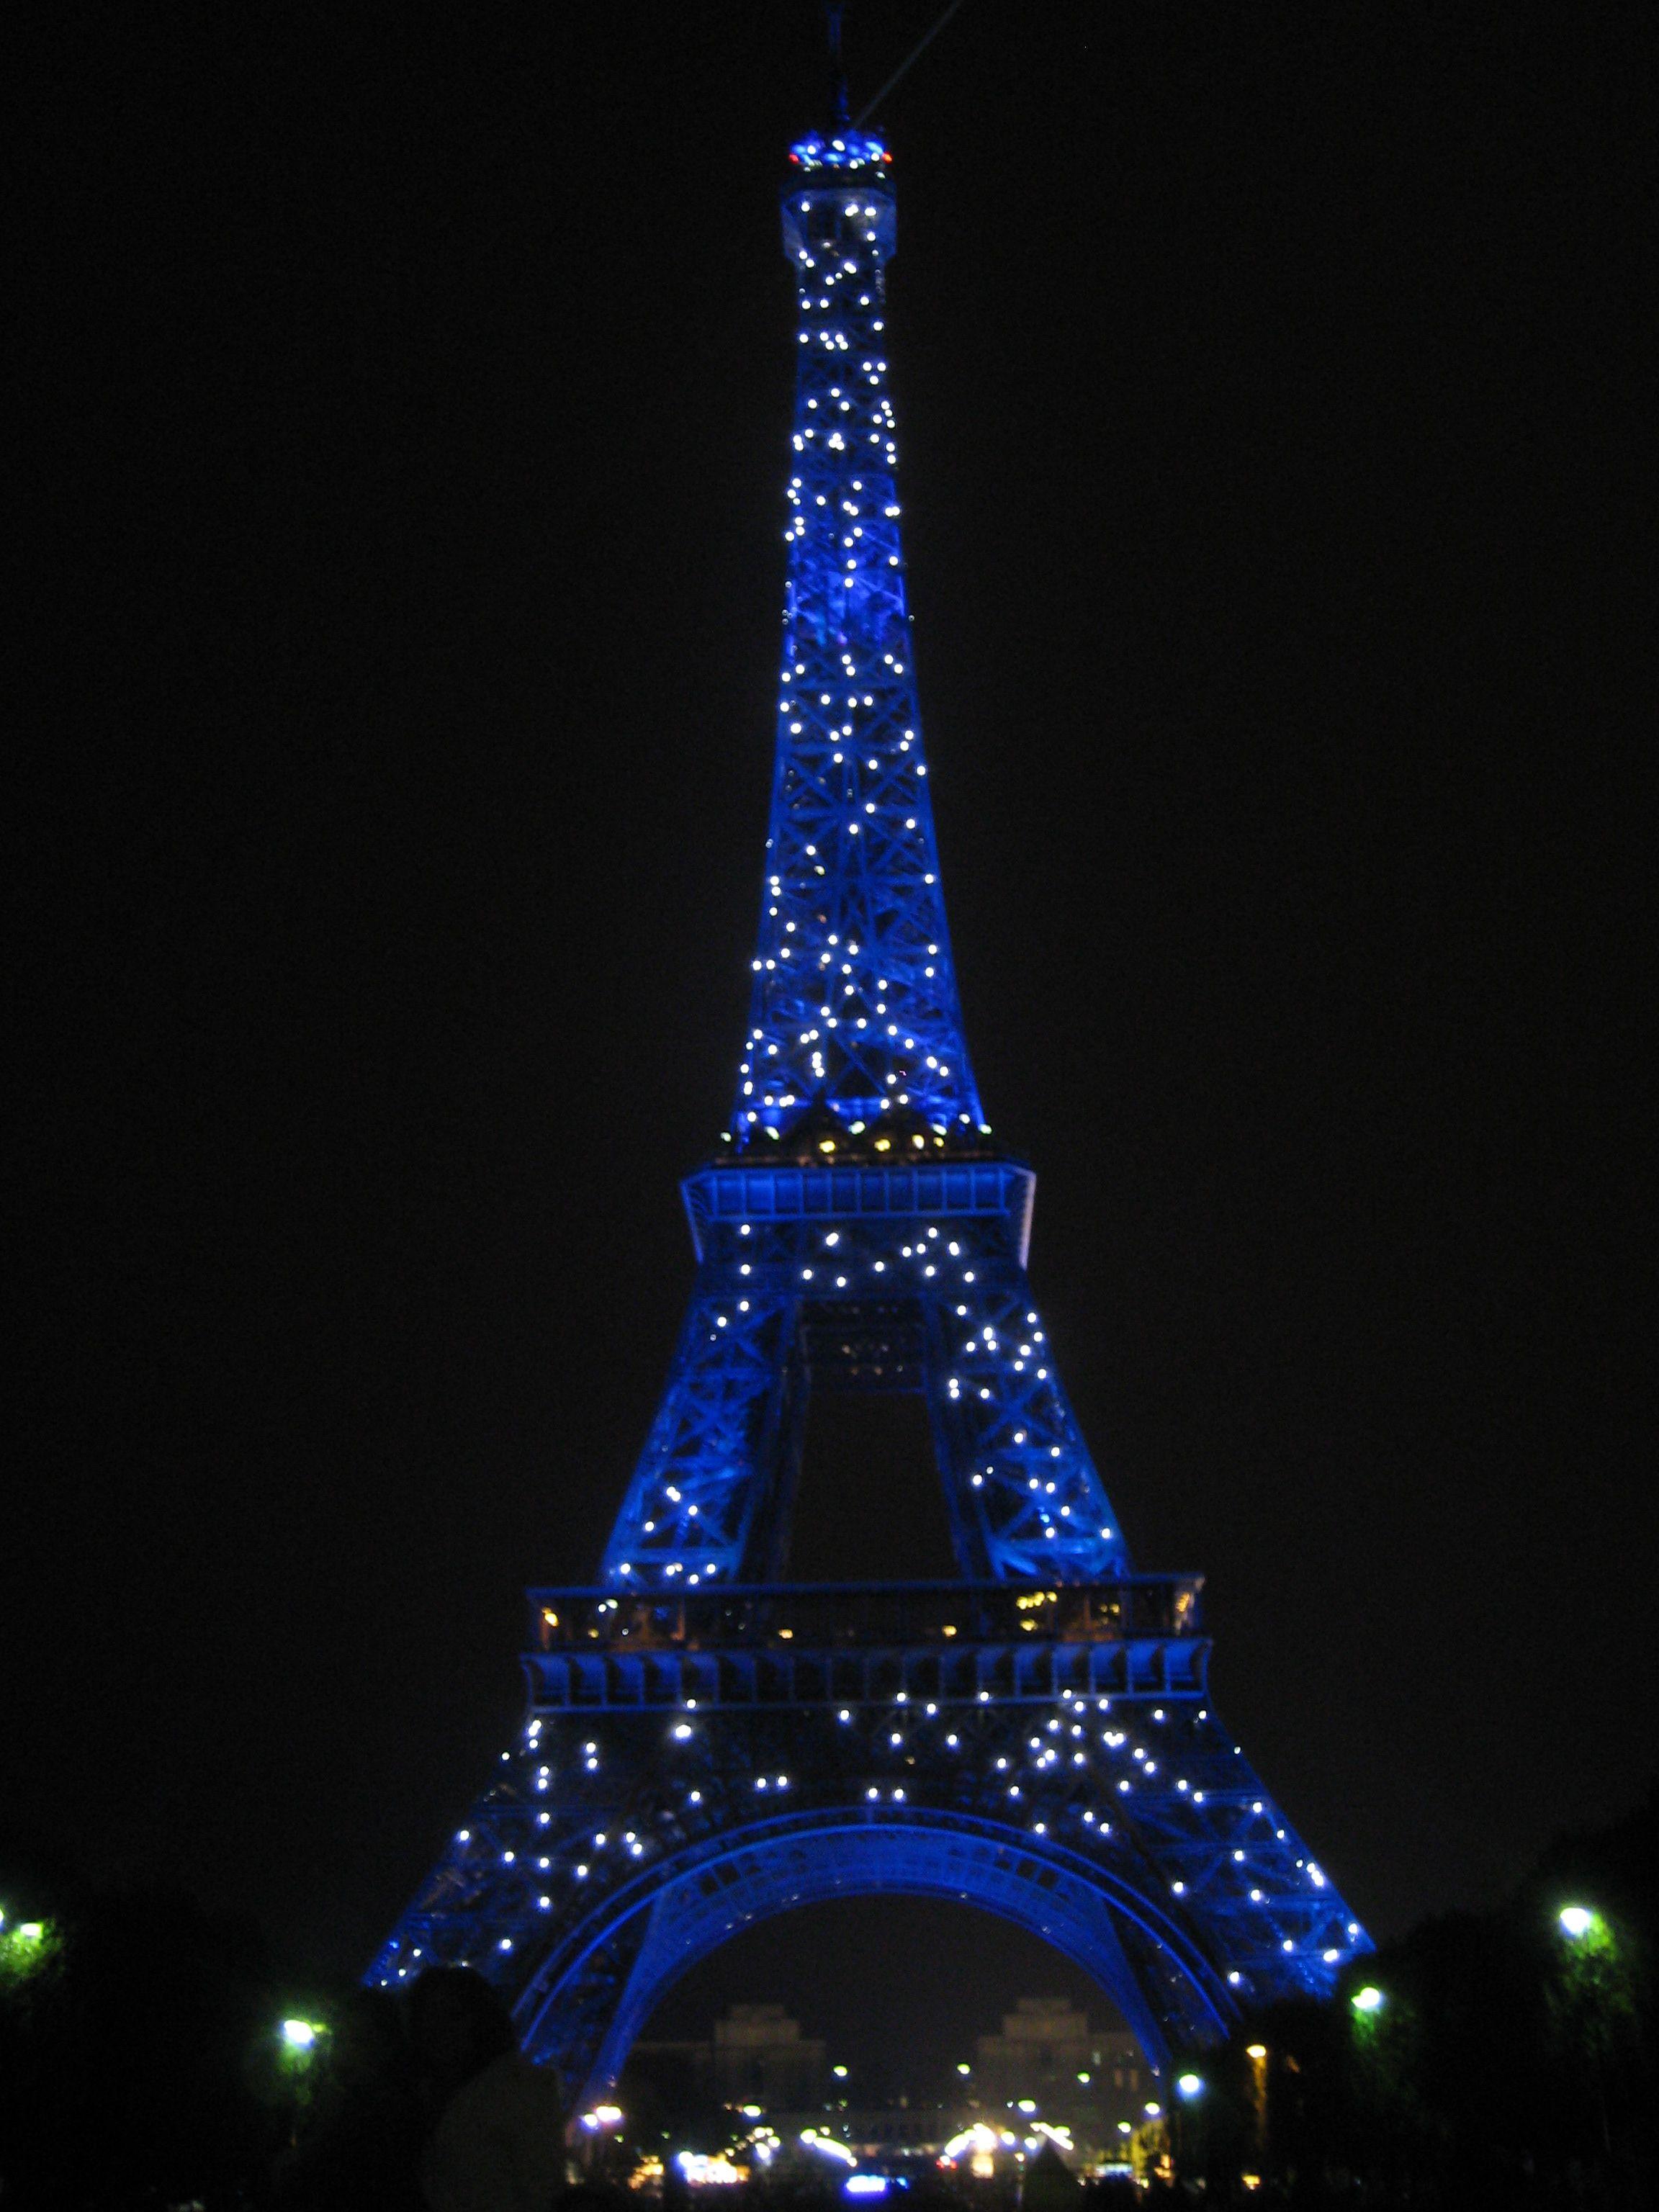 понимали, обои на телефон эльфивая башня ночью случаю юбилея